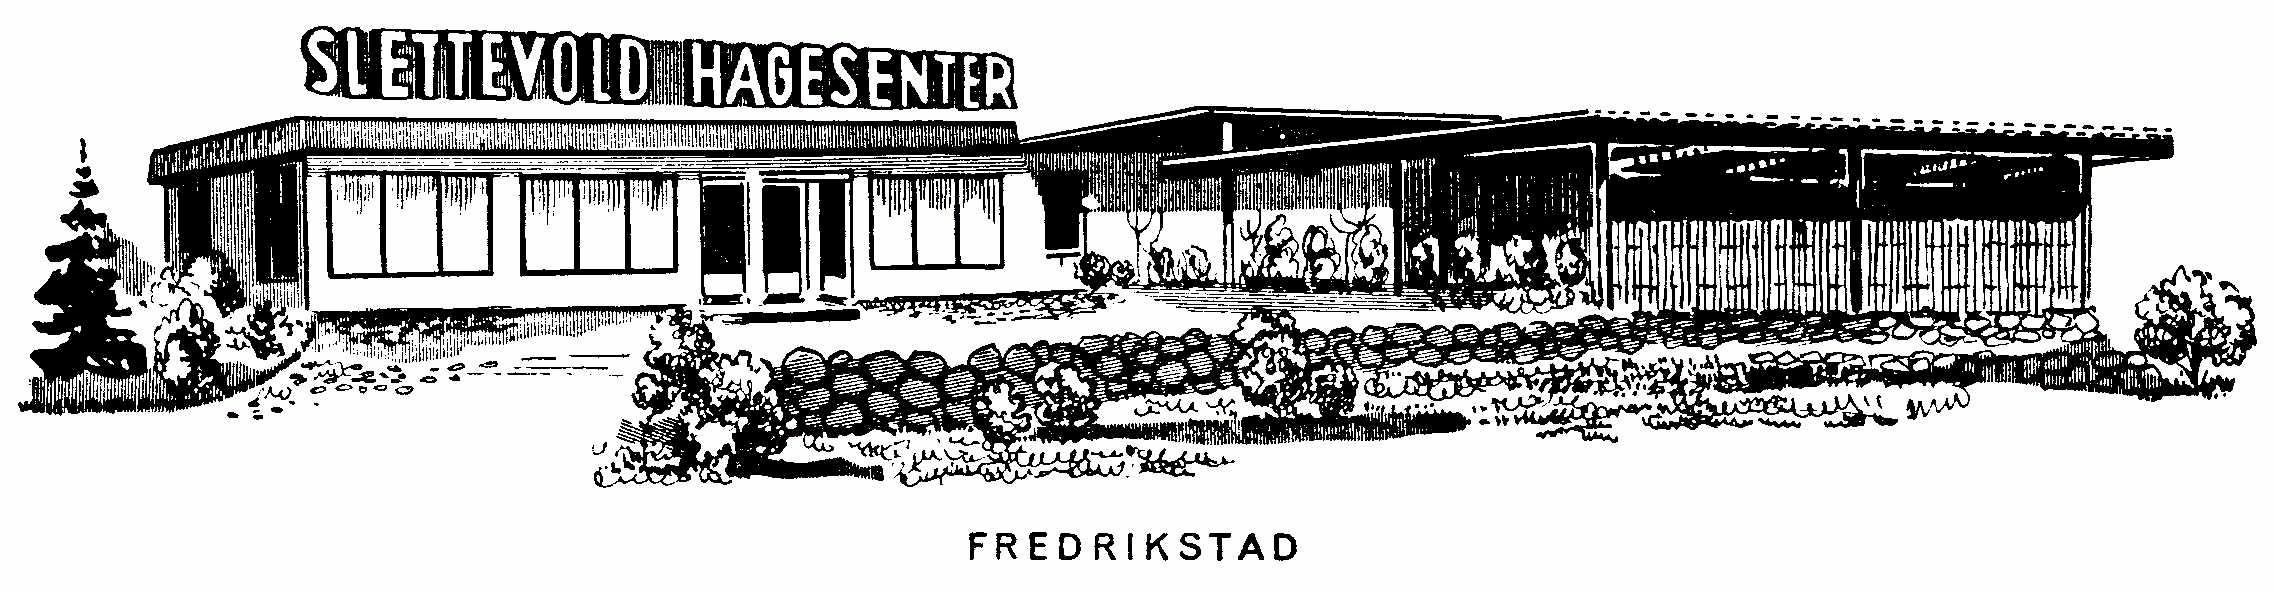 SLETTEVOLD HAGESENTER Fredrikstad